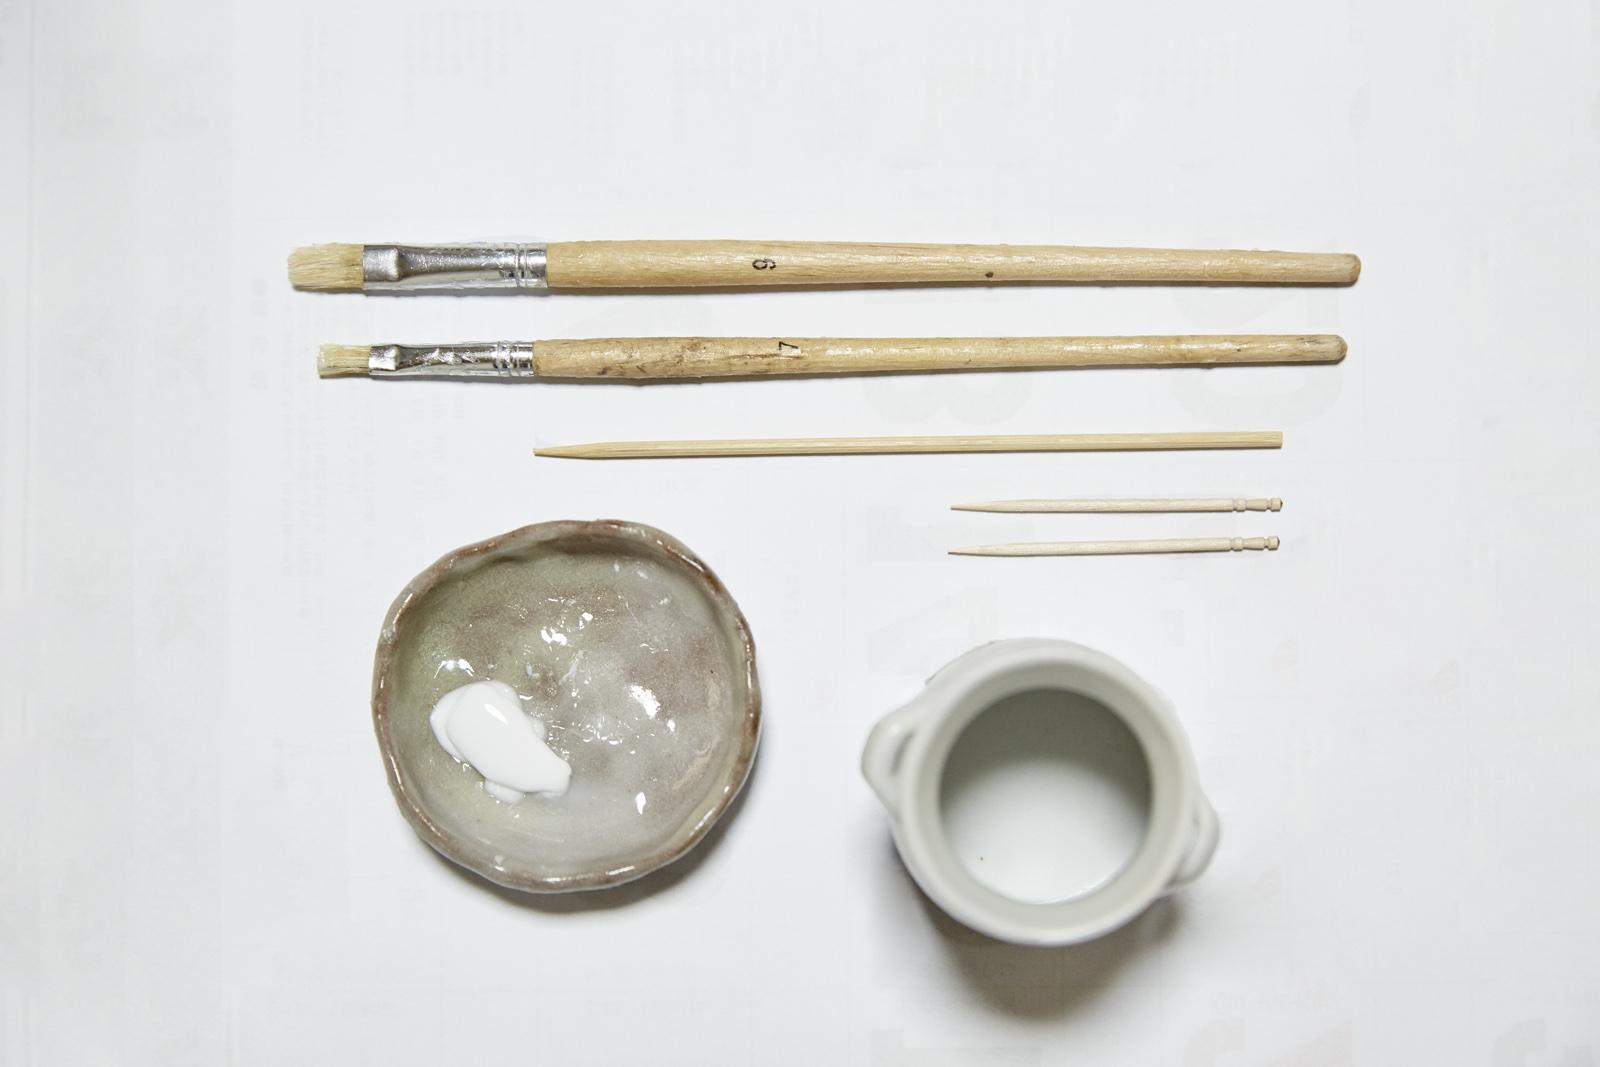 ボンド付けの道具一式。用途によって使い分ける。